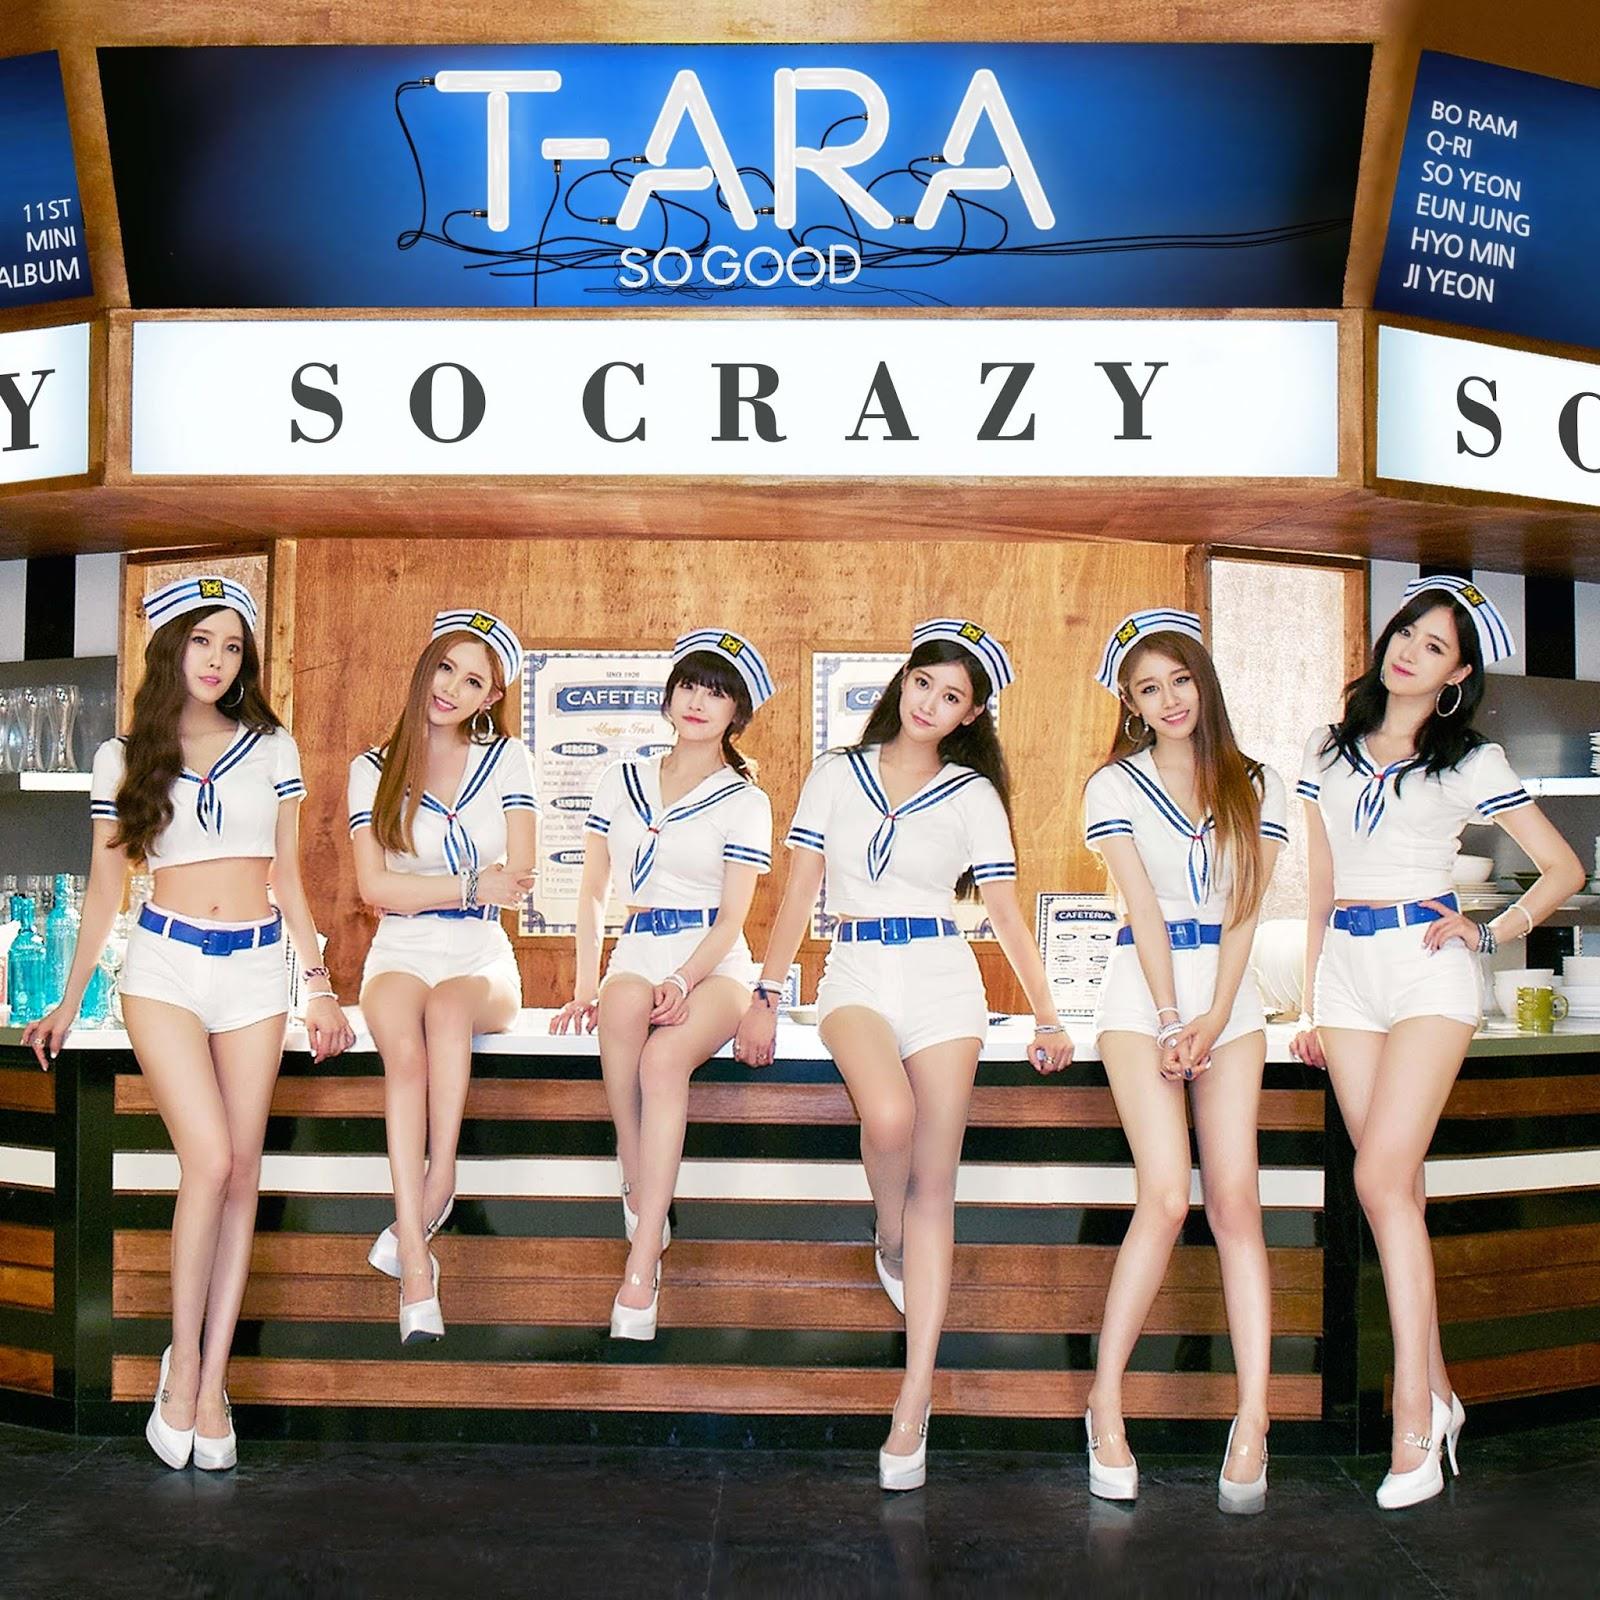 T-ara So Crazy (완전 미쳤네) Album Cover